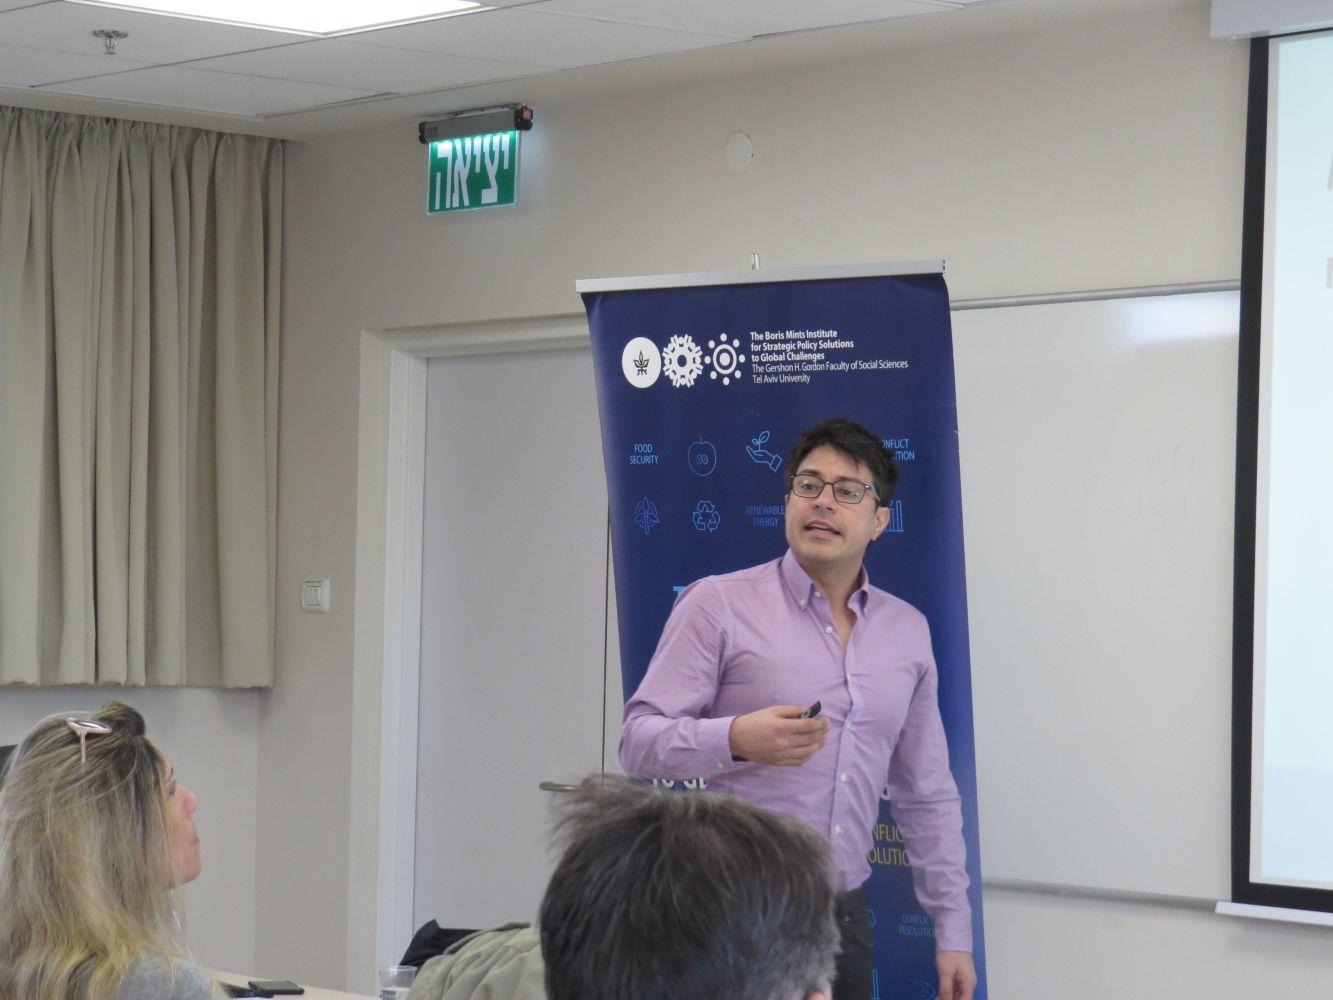 Dr J. Ellul, Blockchain Lecture, 6